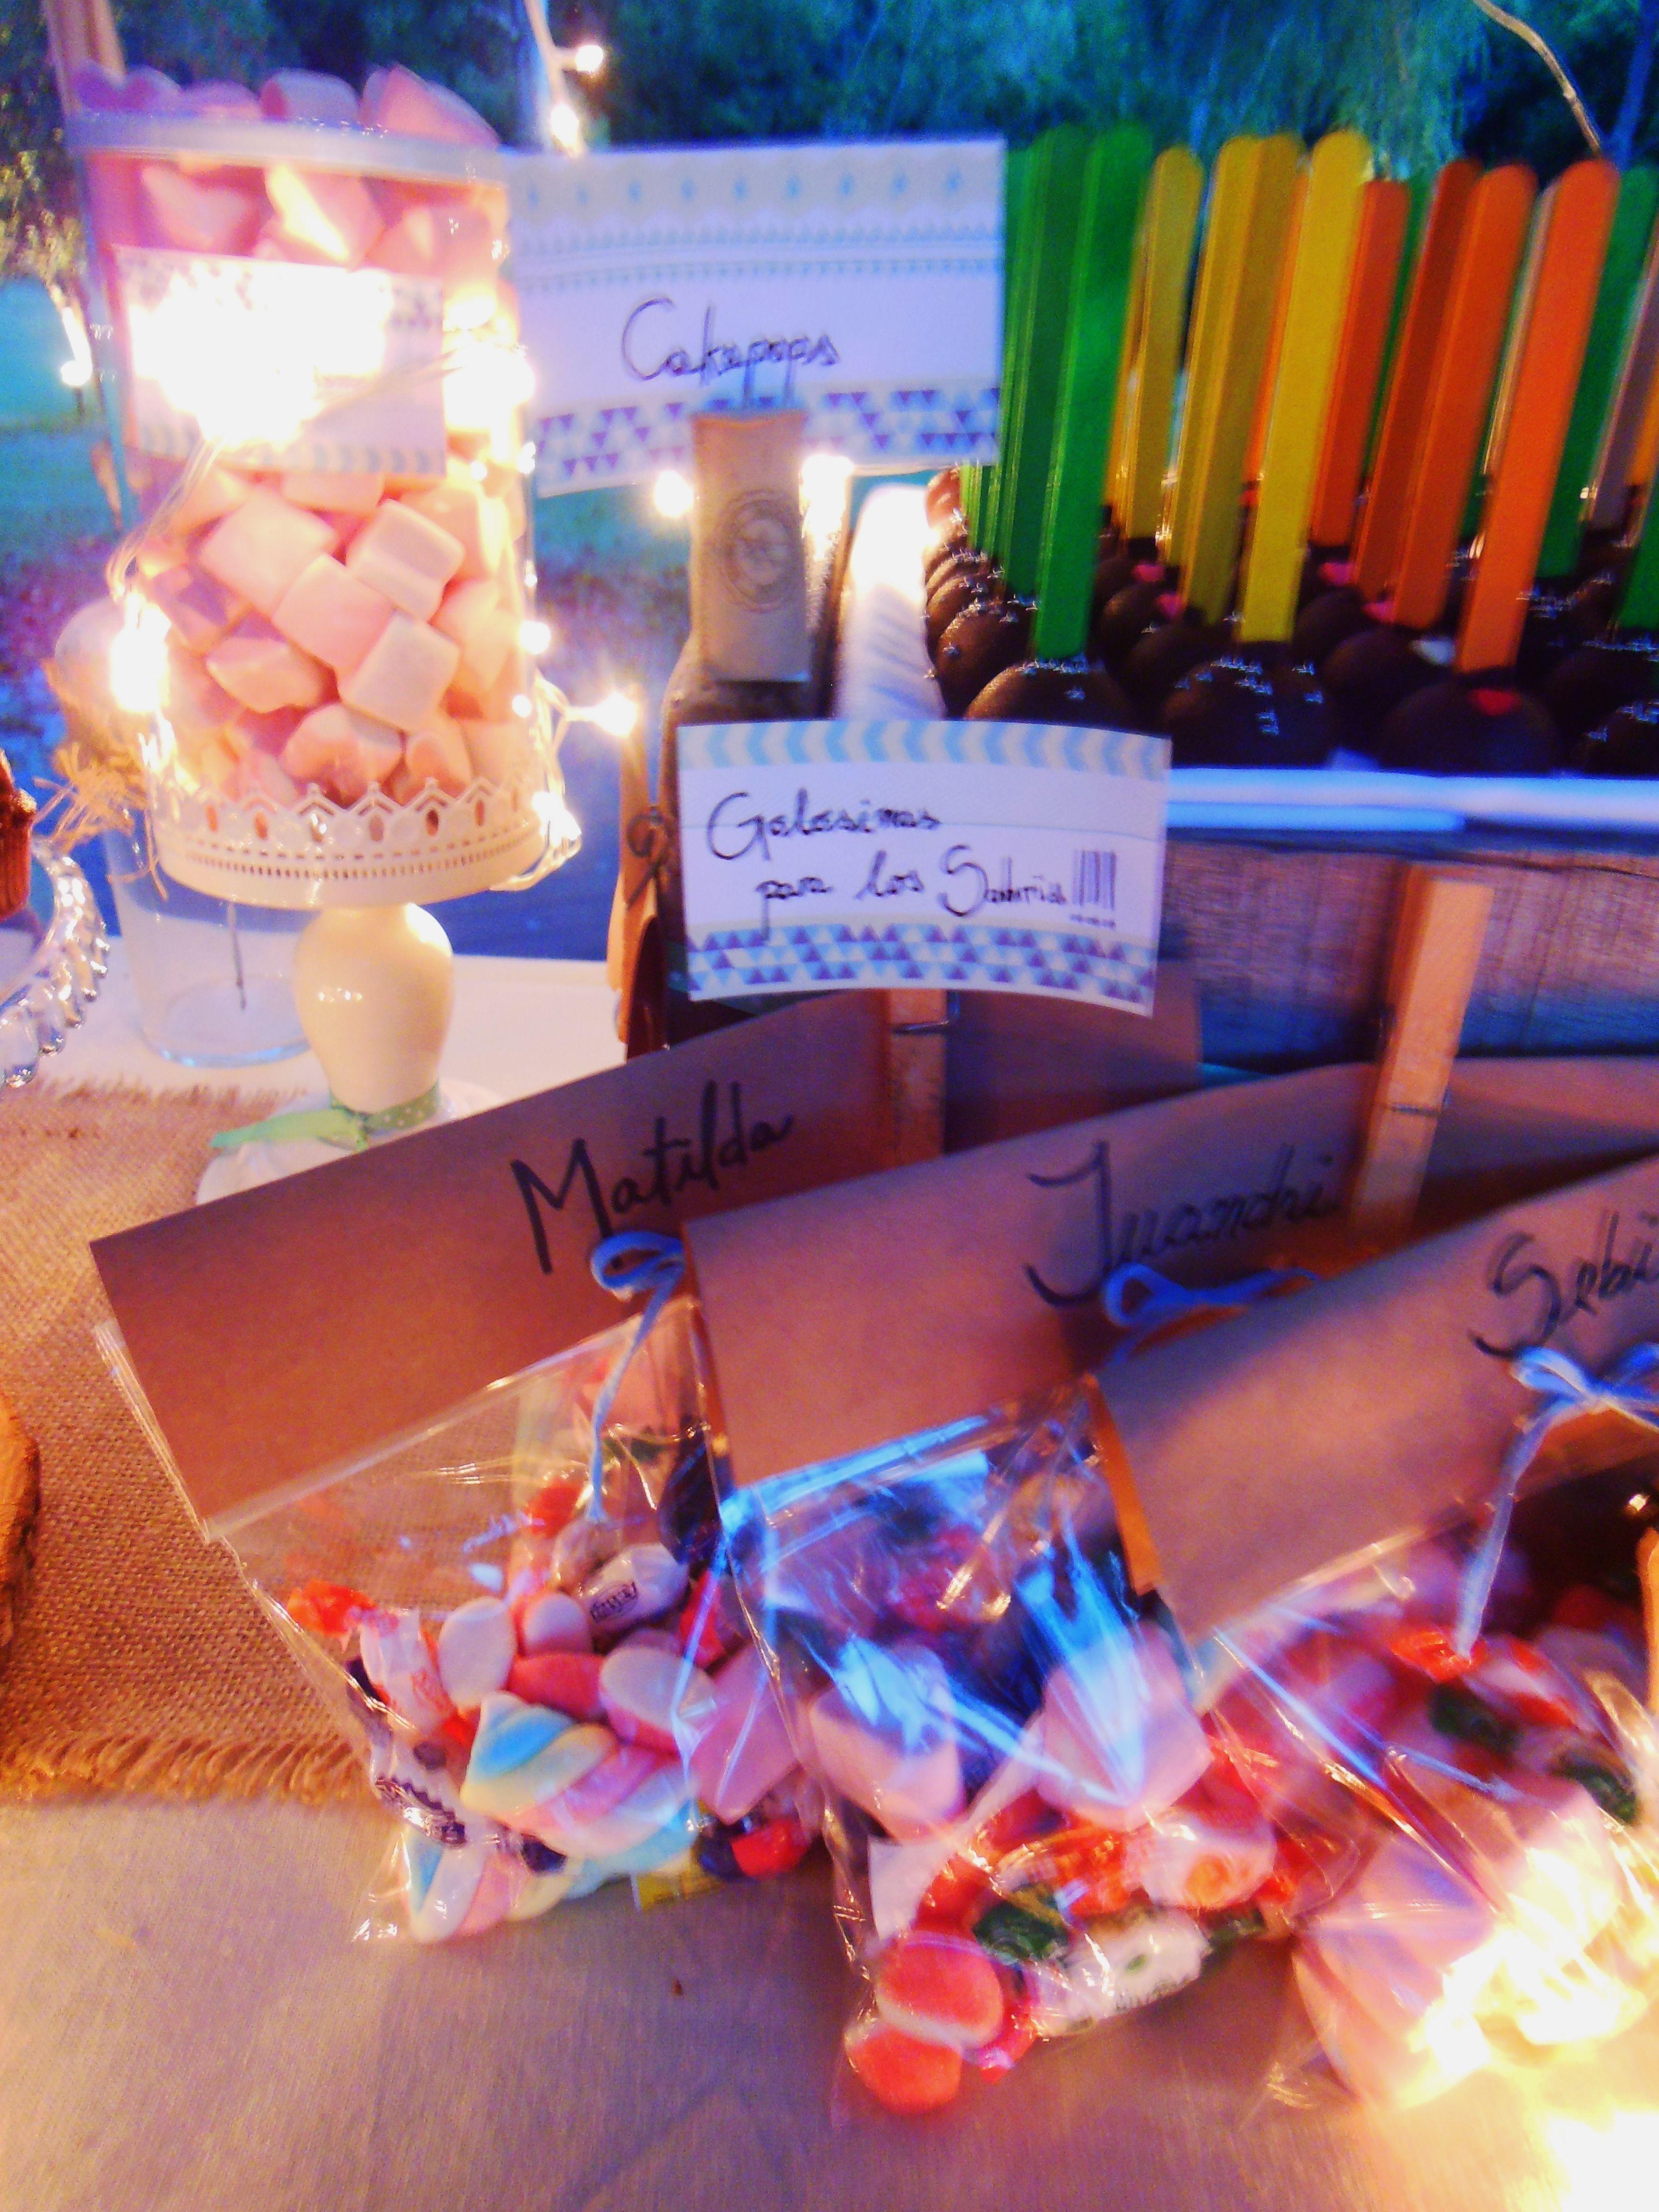 Bolsitas con golosinas para los ni os de la fiesta - Golosinas para cumpleanos de ninos ...